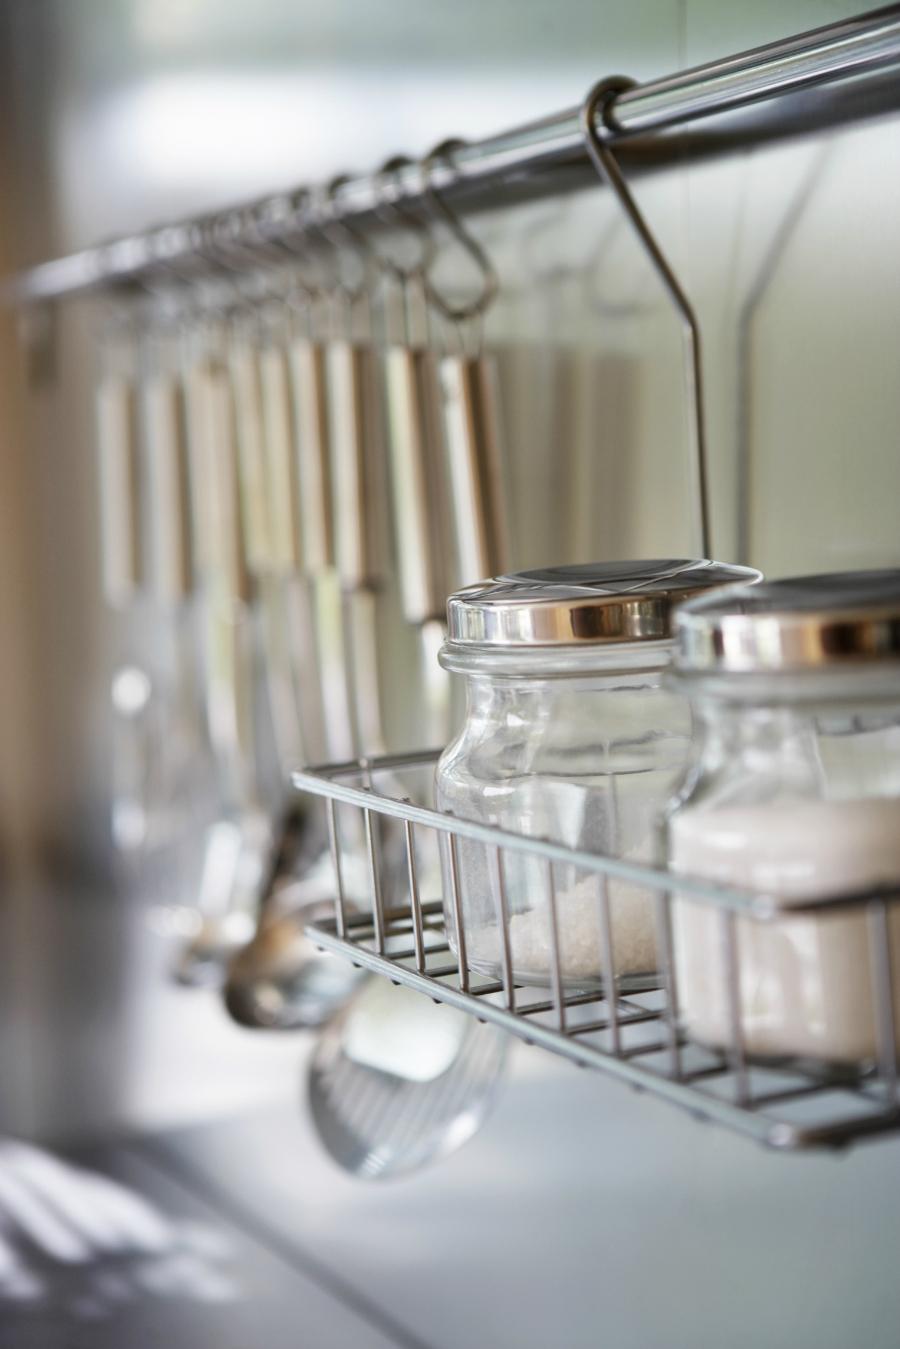 10 x slimme tips voor een kleine(re) keuken - Culy.nl